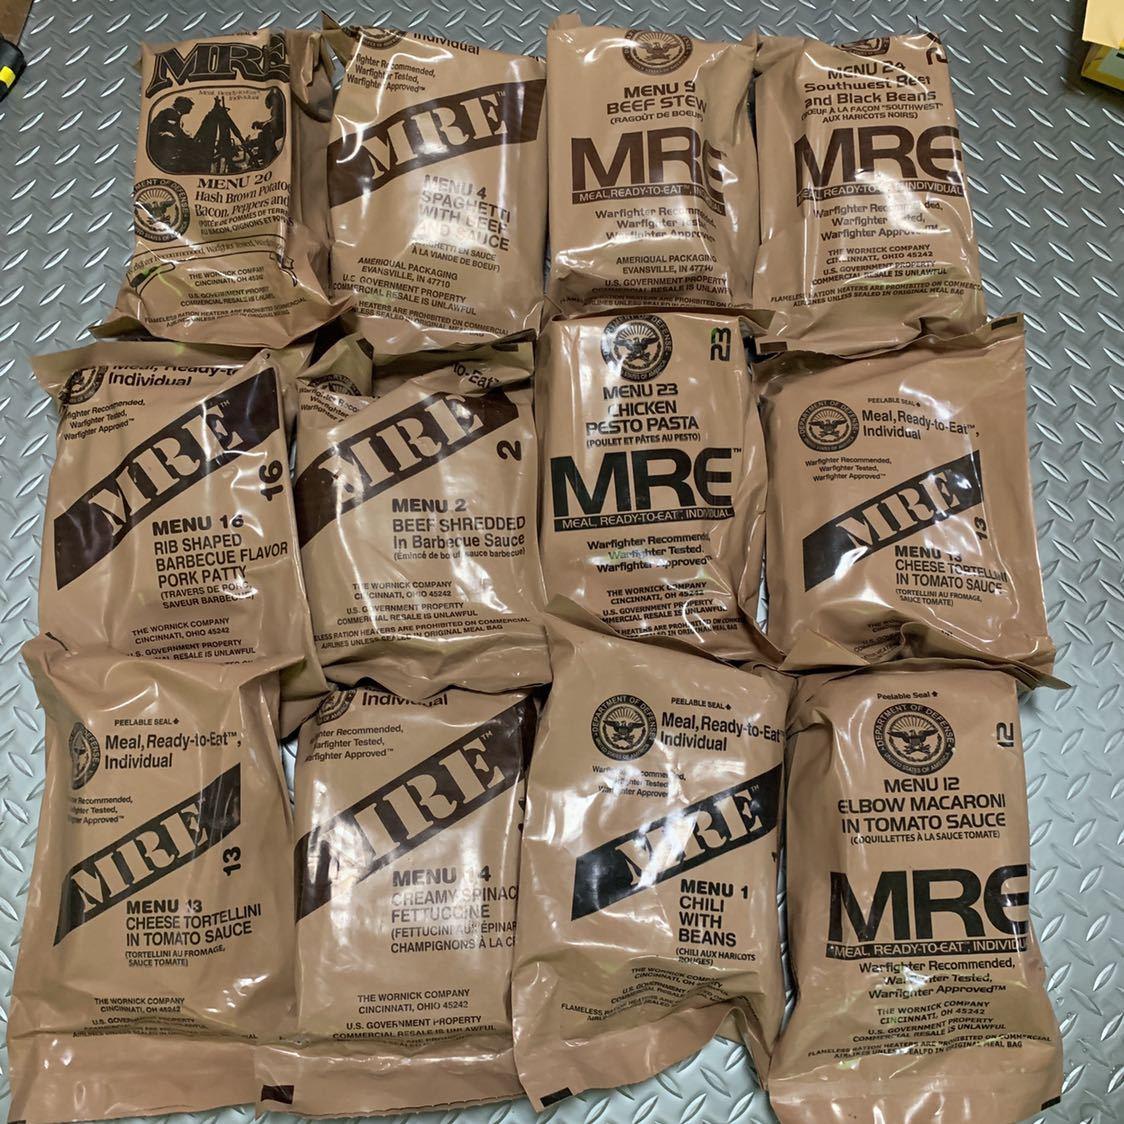 未開封 最新 2019年 検品 米軍 戦闘食 MREレーション ミリメシ 非常食 メニュー 12個 セット 19年